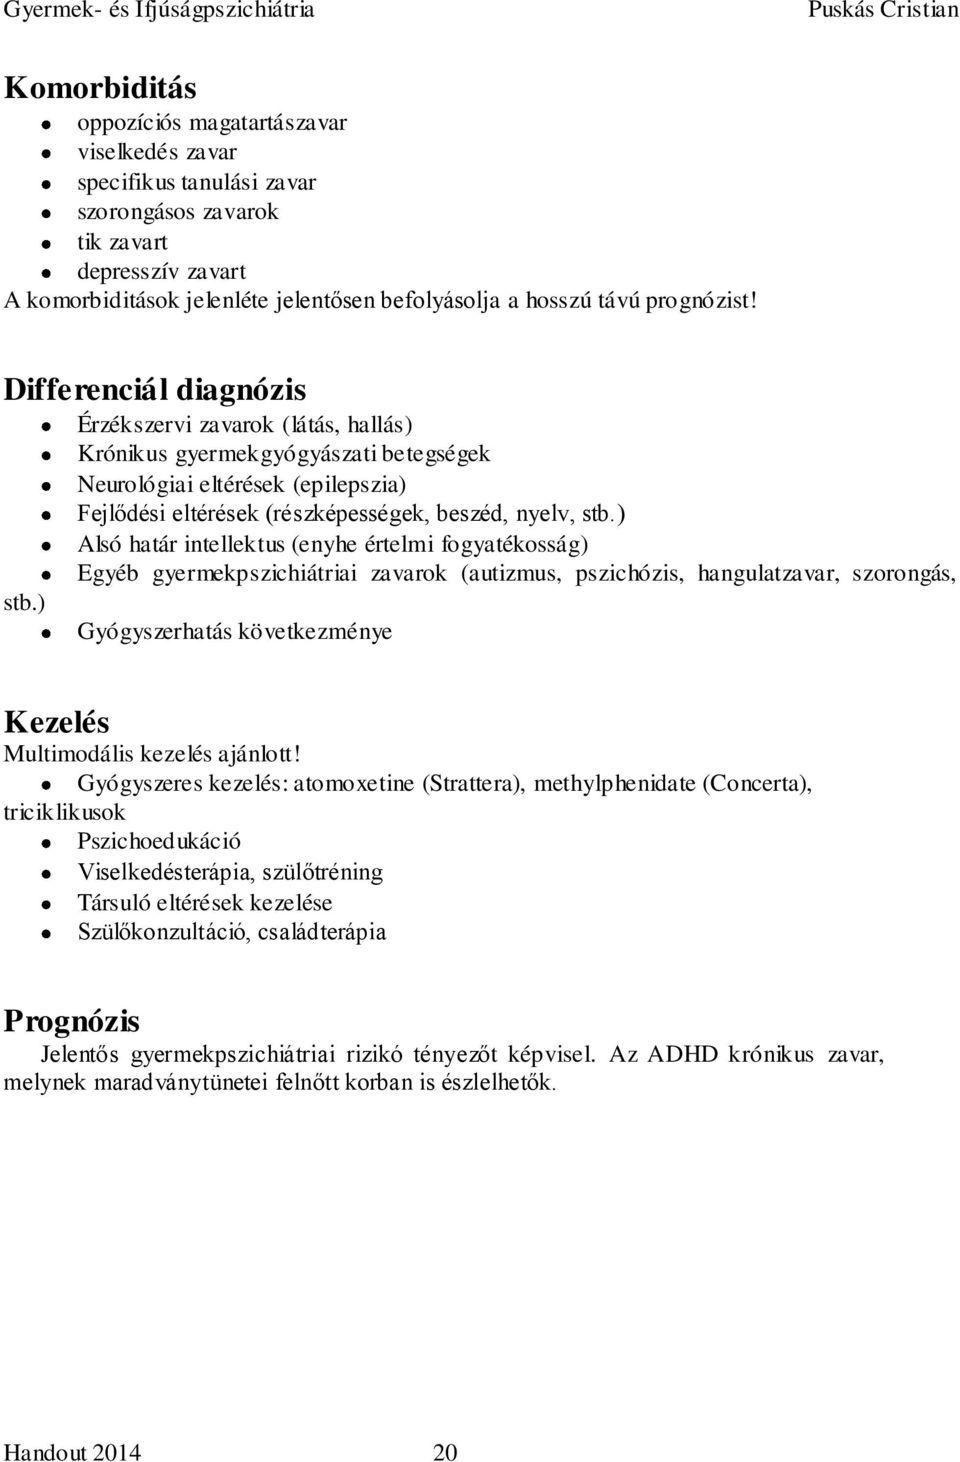 légzési papillomatosis előfordulása)